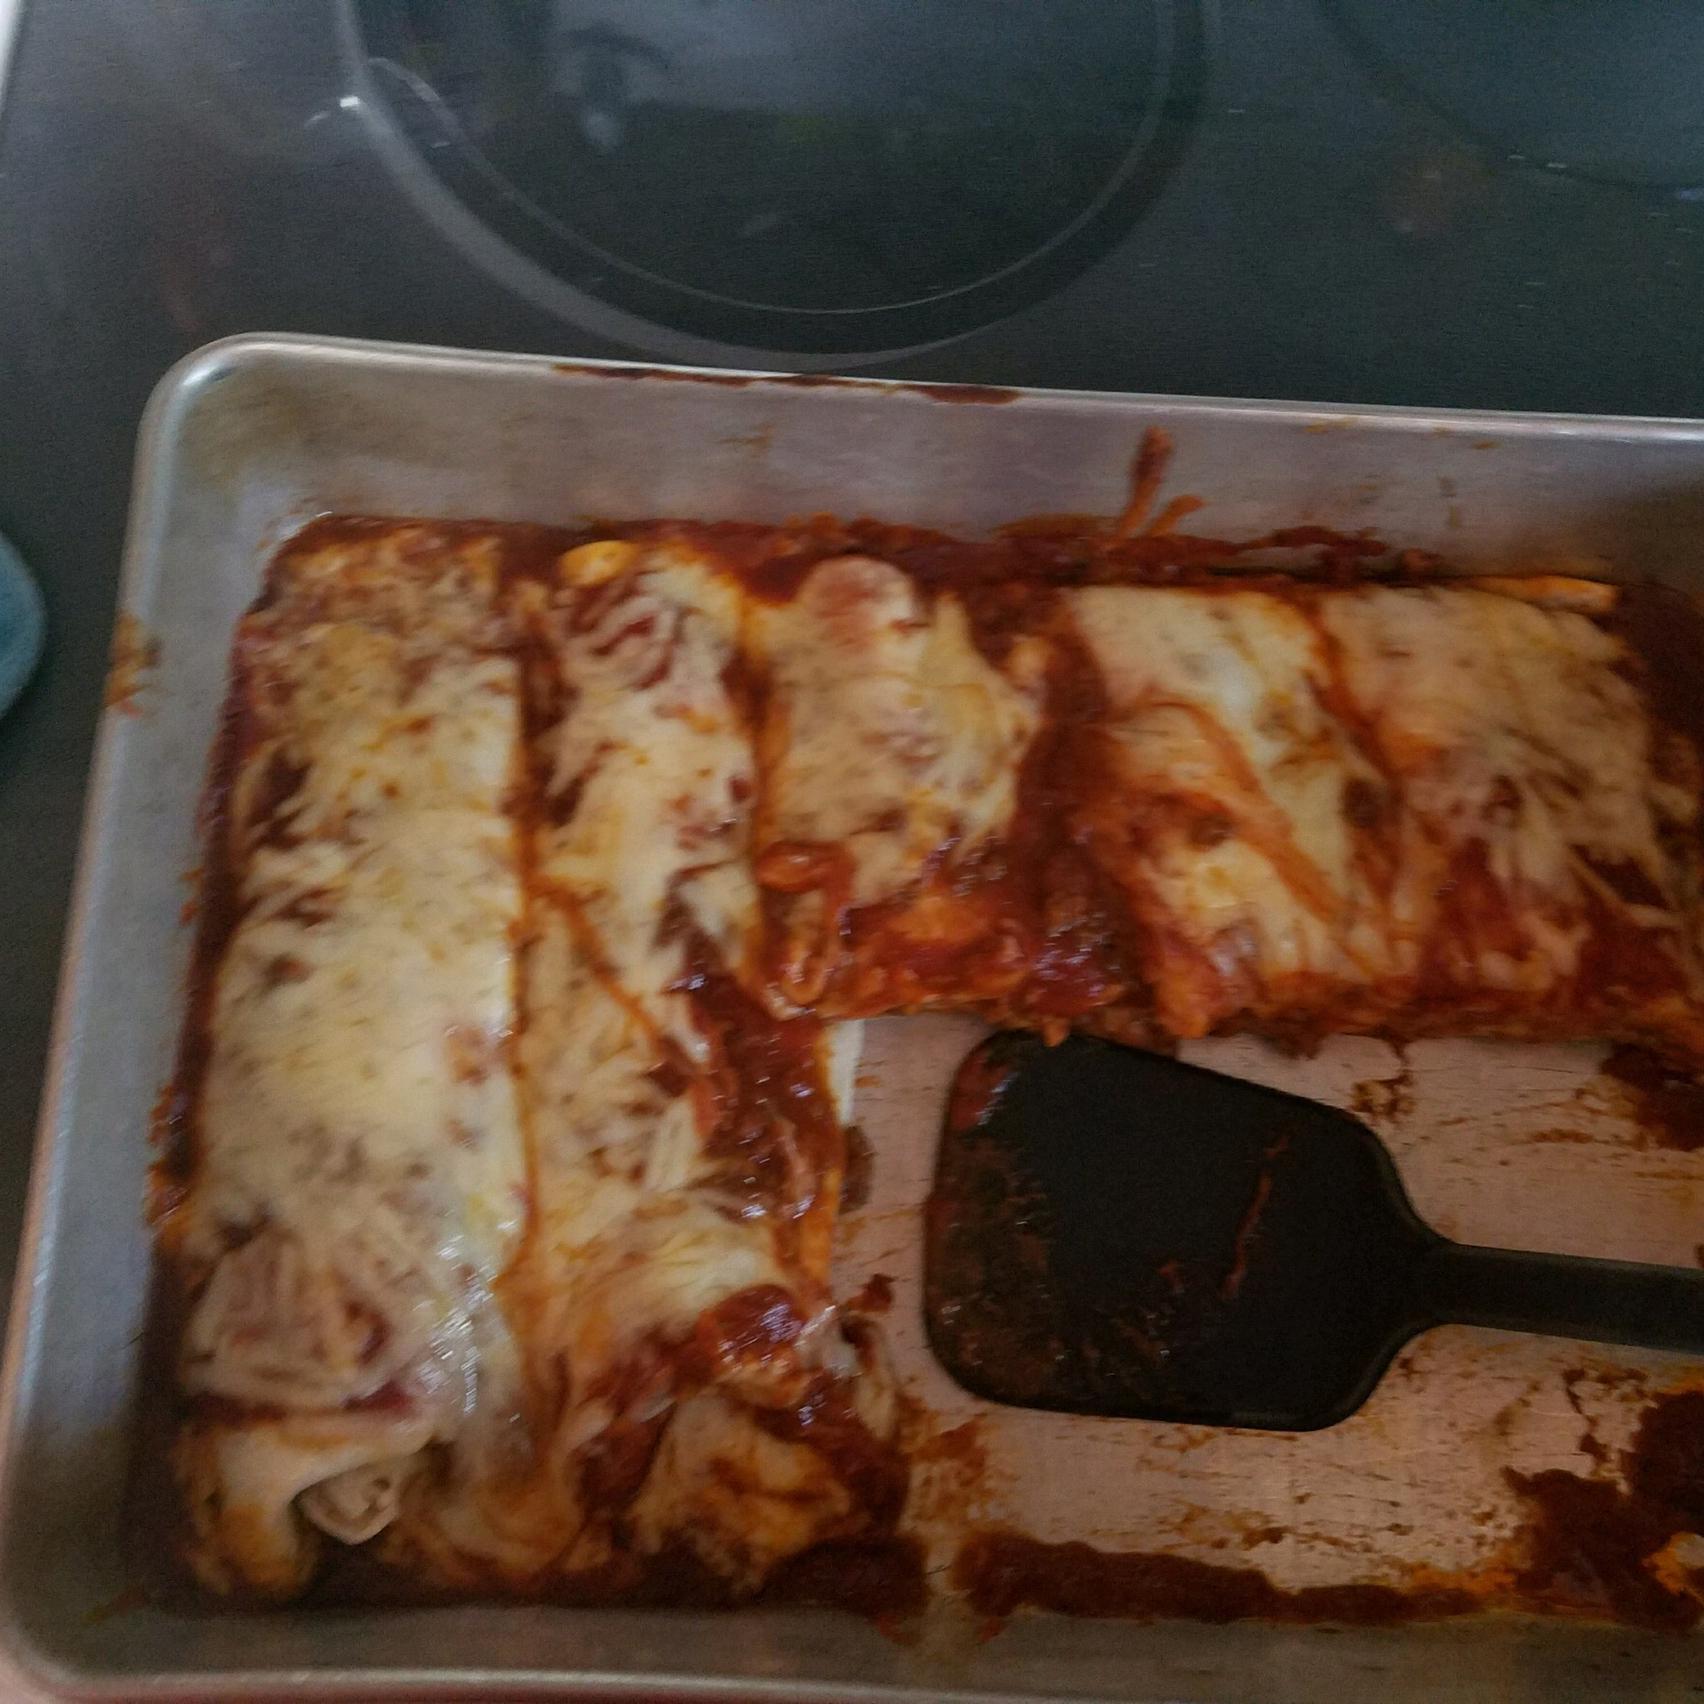 Beef Enchiladas with Homemade Sauce dakgat3217